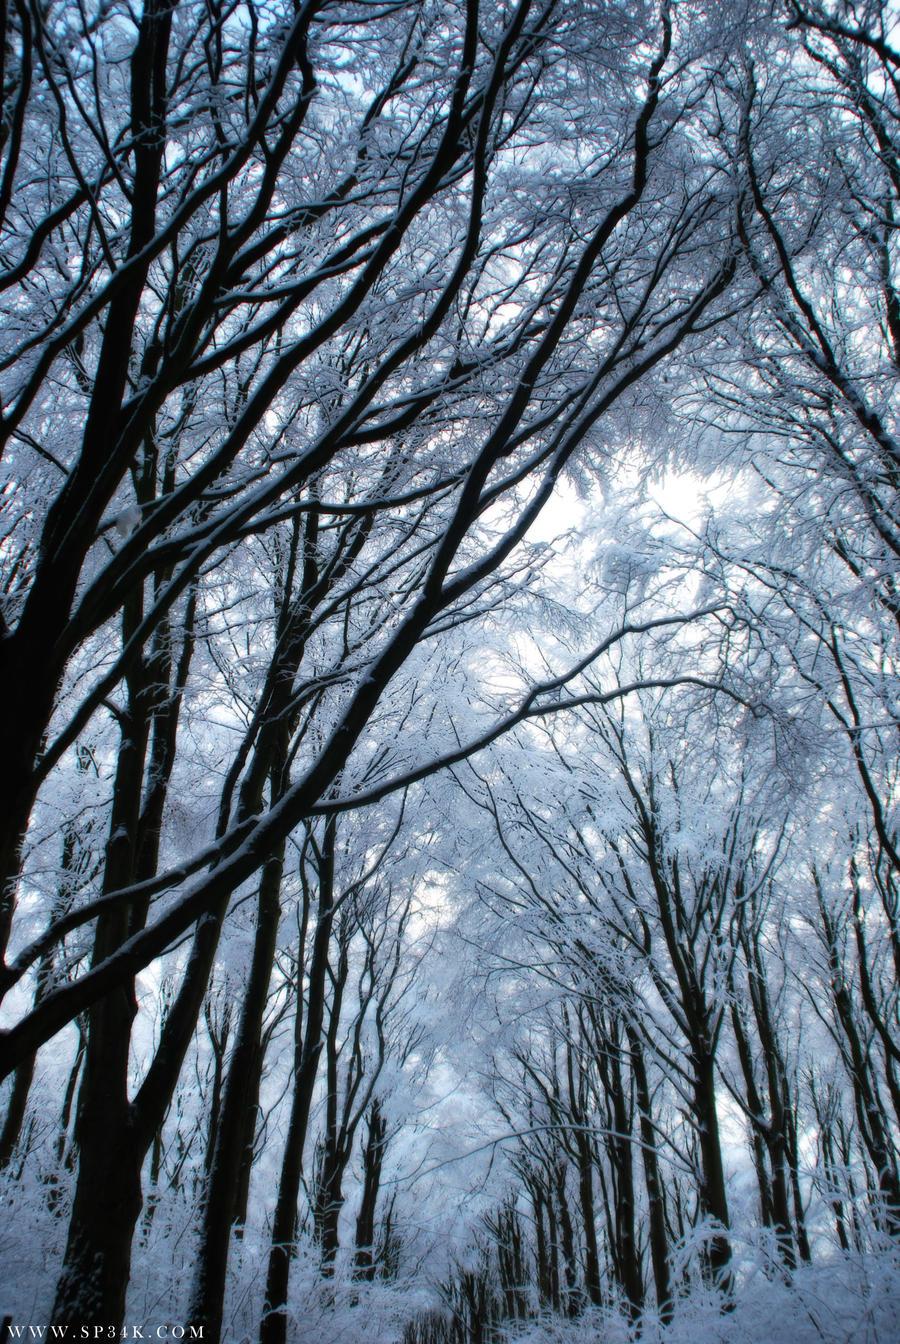 Frozen Beauty by 5p34k